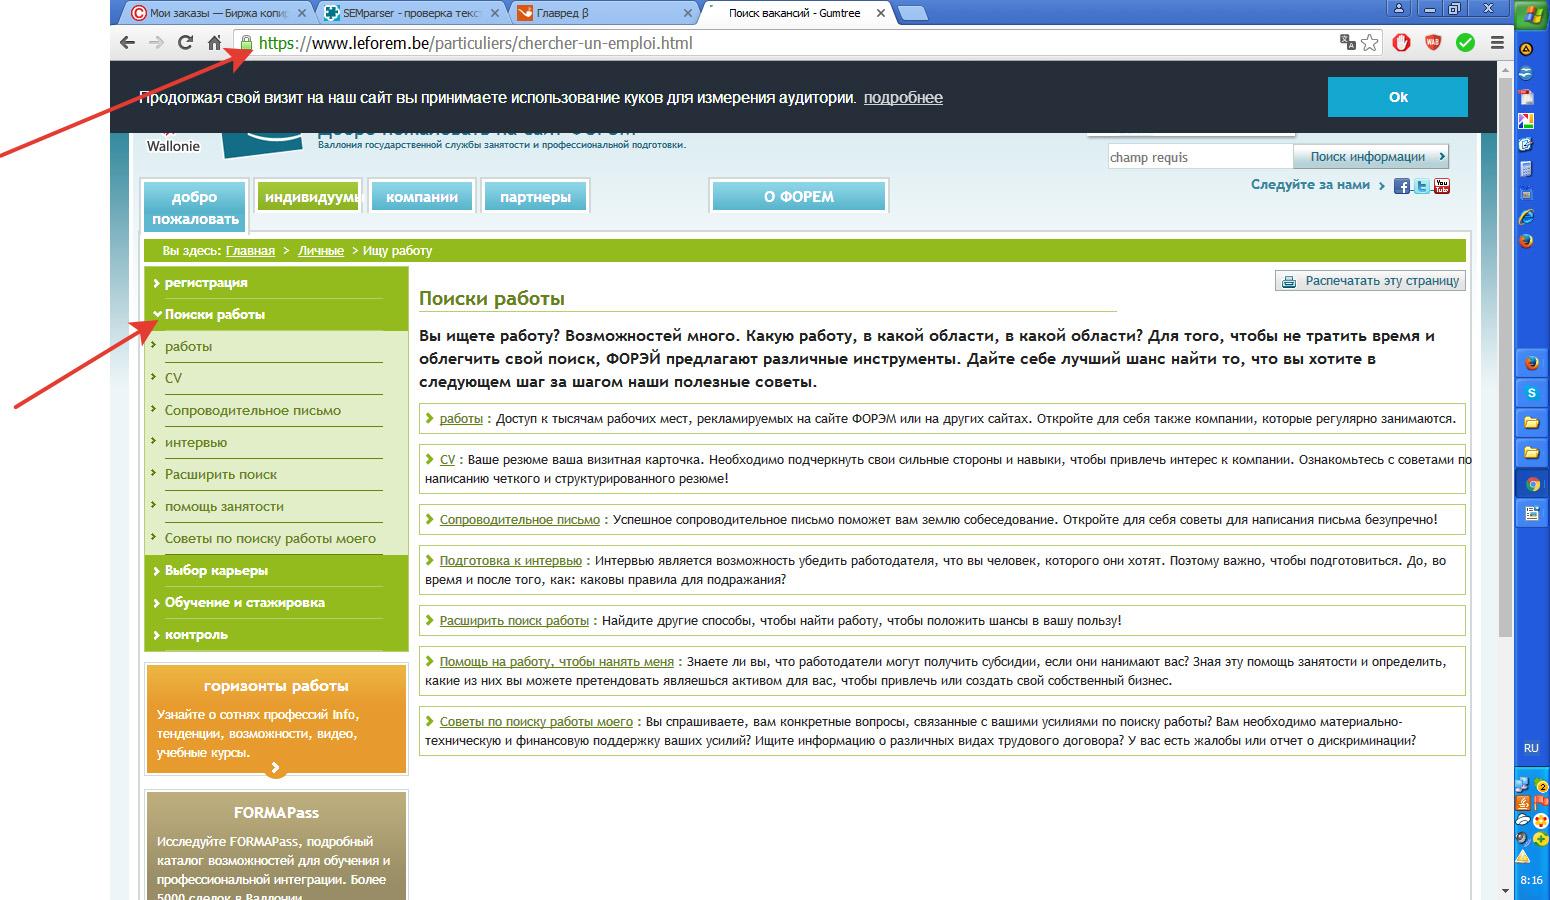 Работа в Бельгии, сайт поиска работы